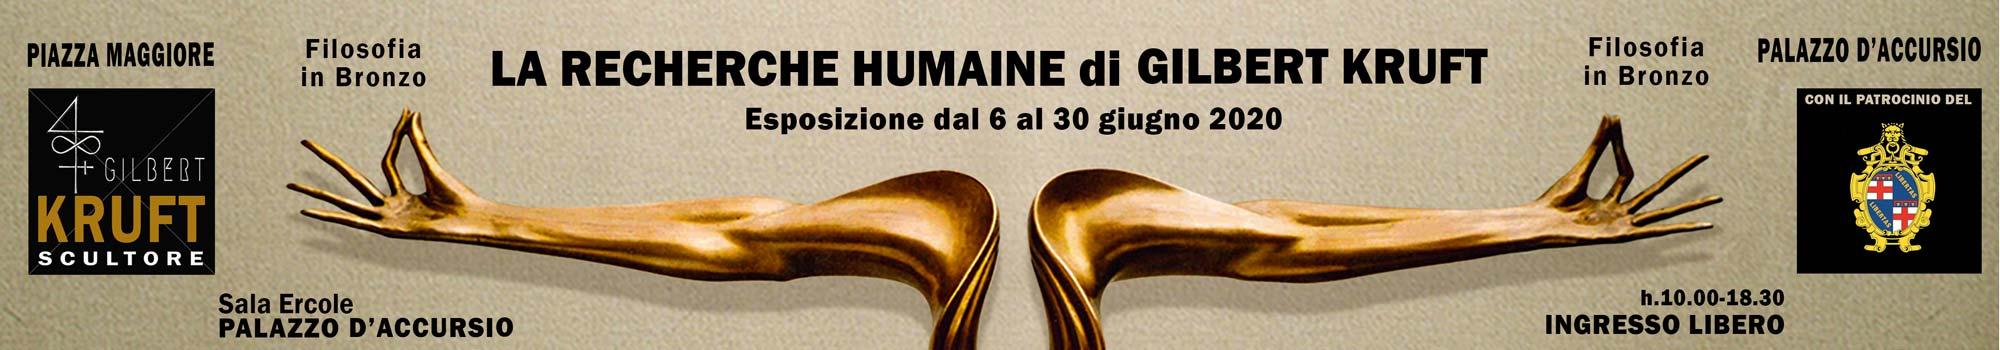 Mostra Gilbert Kruft 2020 Palazzo d'Accursio Bologna